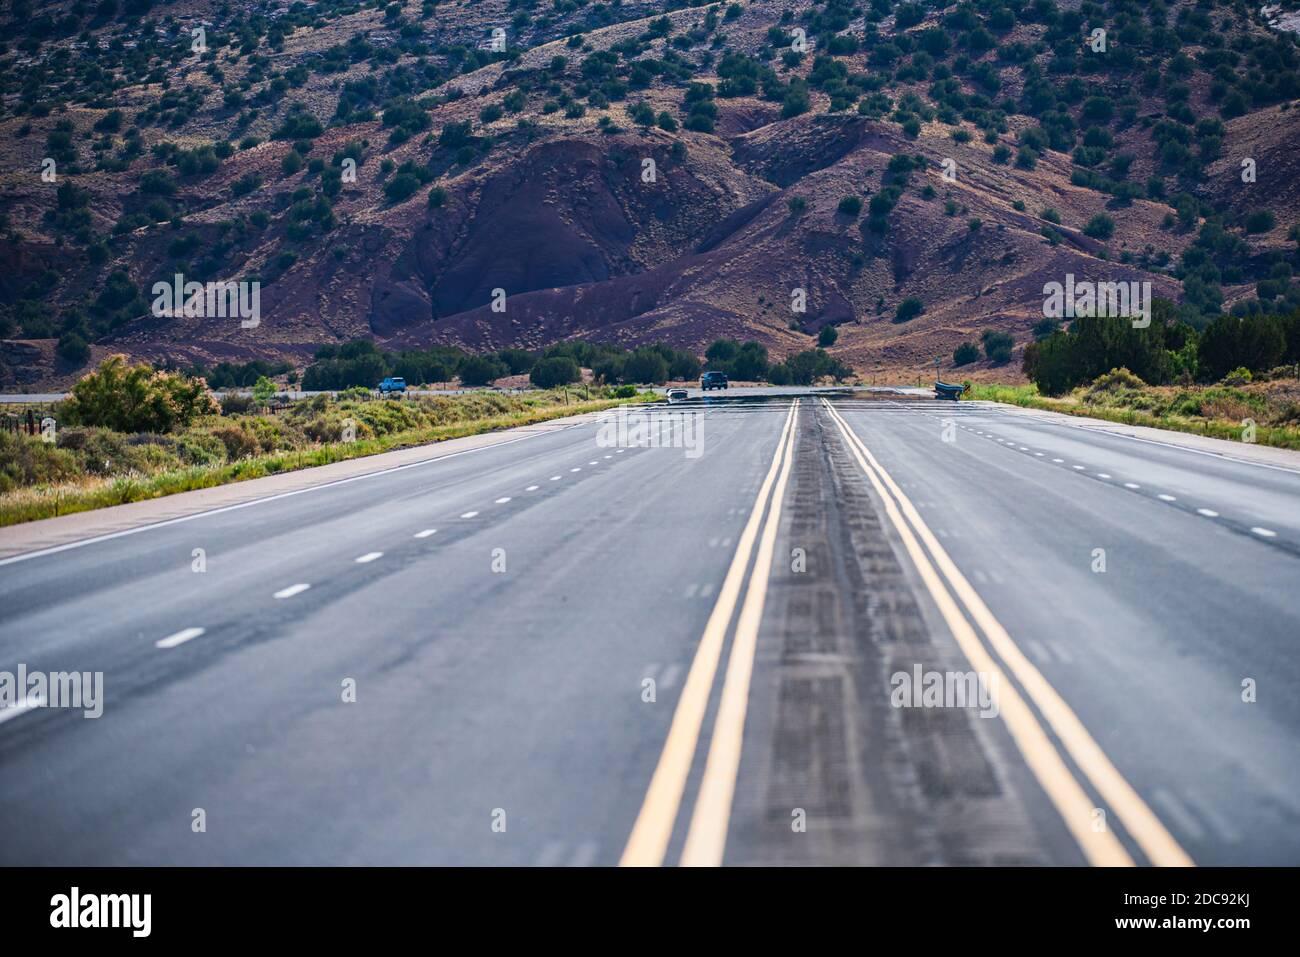 Strada asfaltata panoramica. Monument Valley Road. Concetto di viaggio americano. Foto Stock